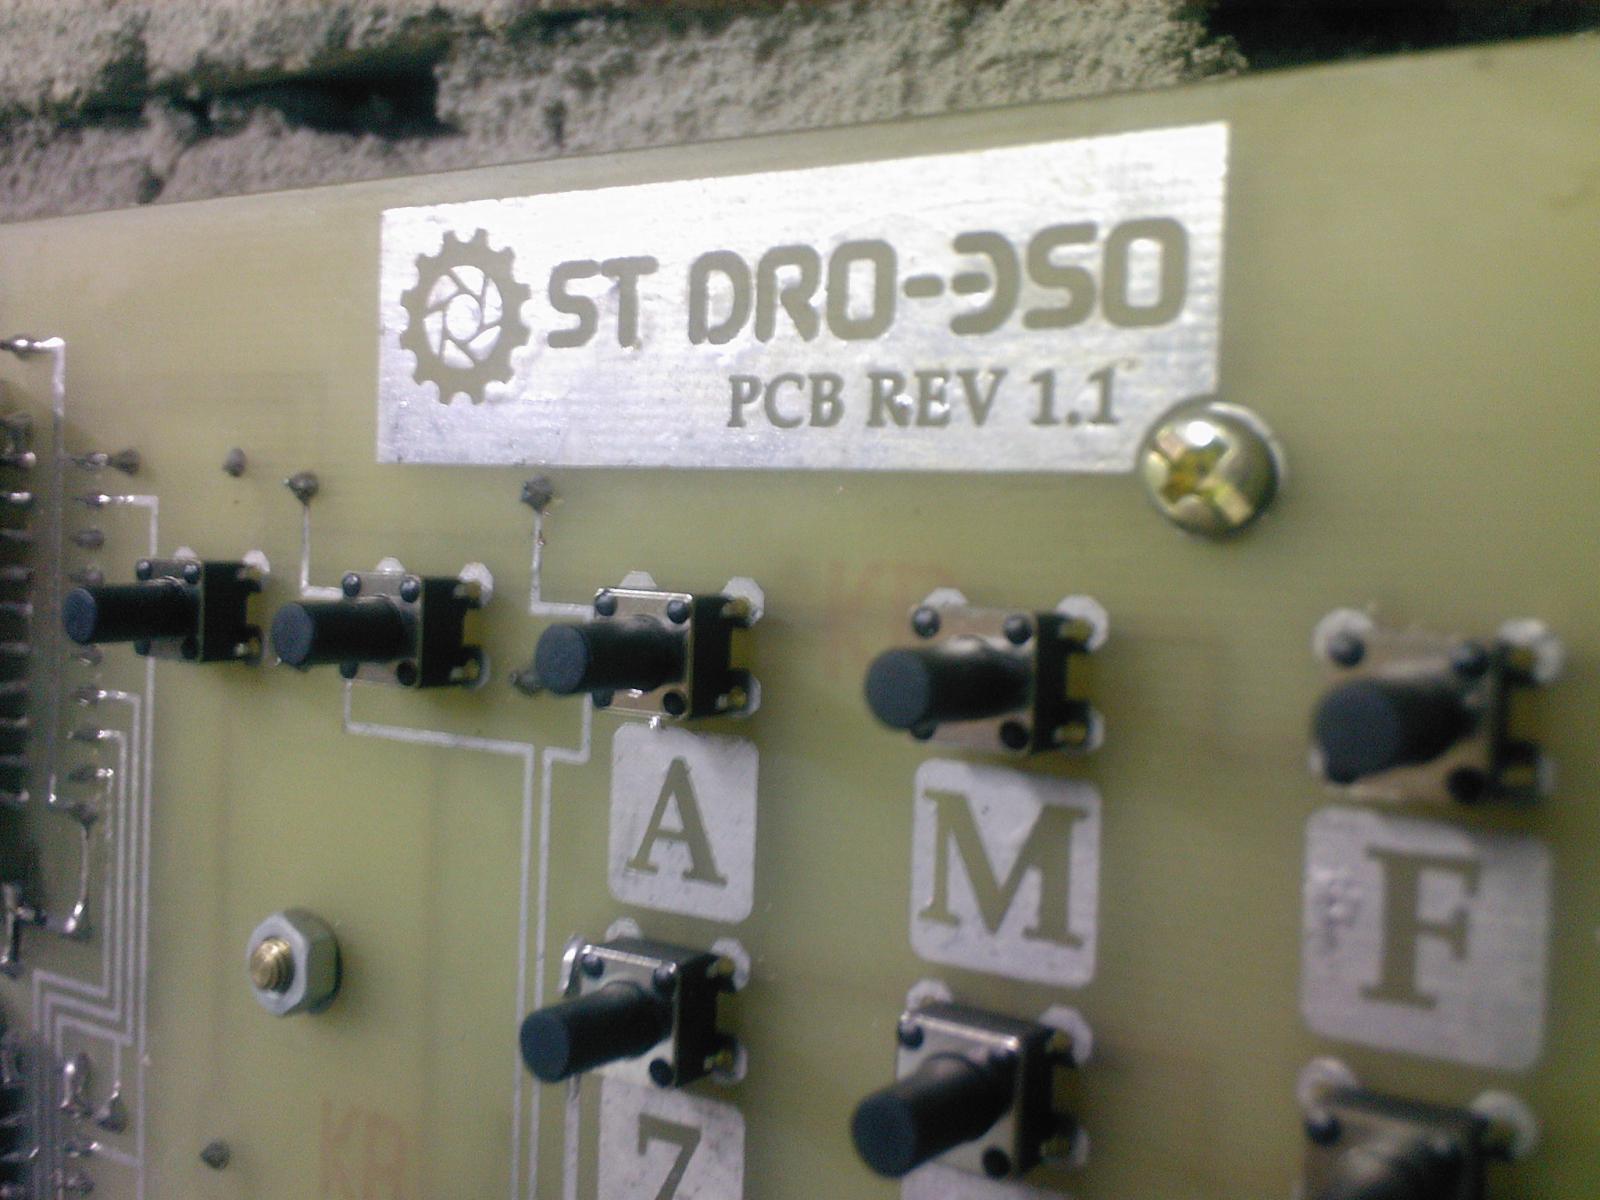 dro-350.jpg